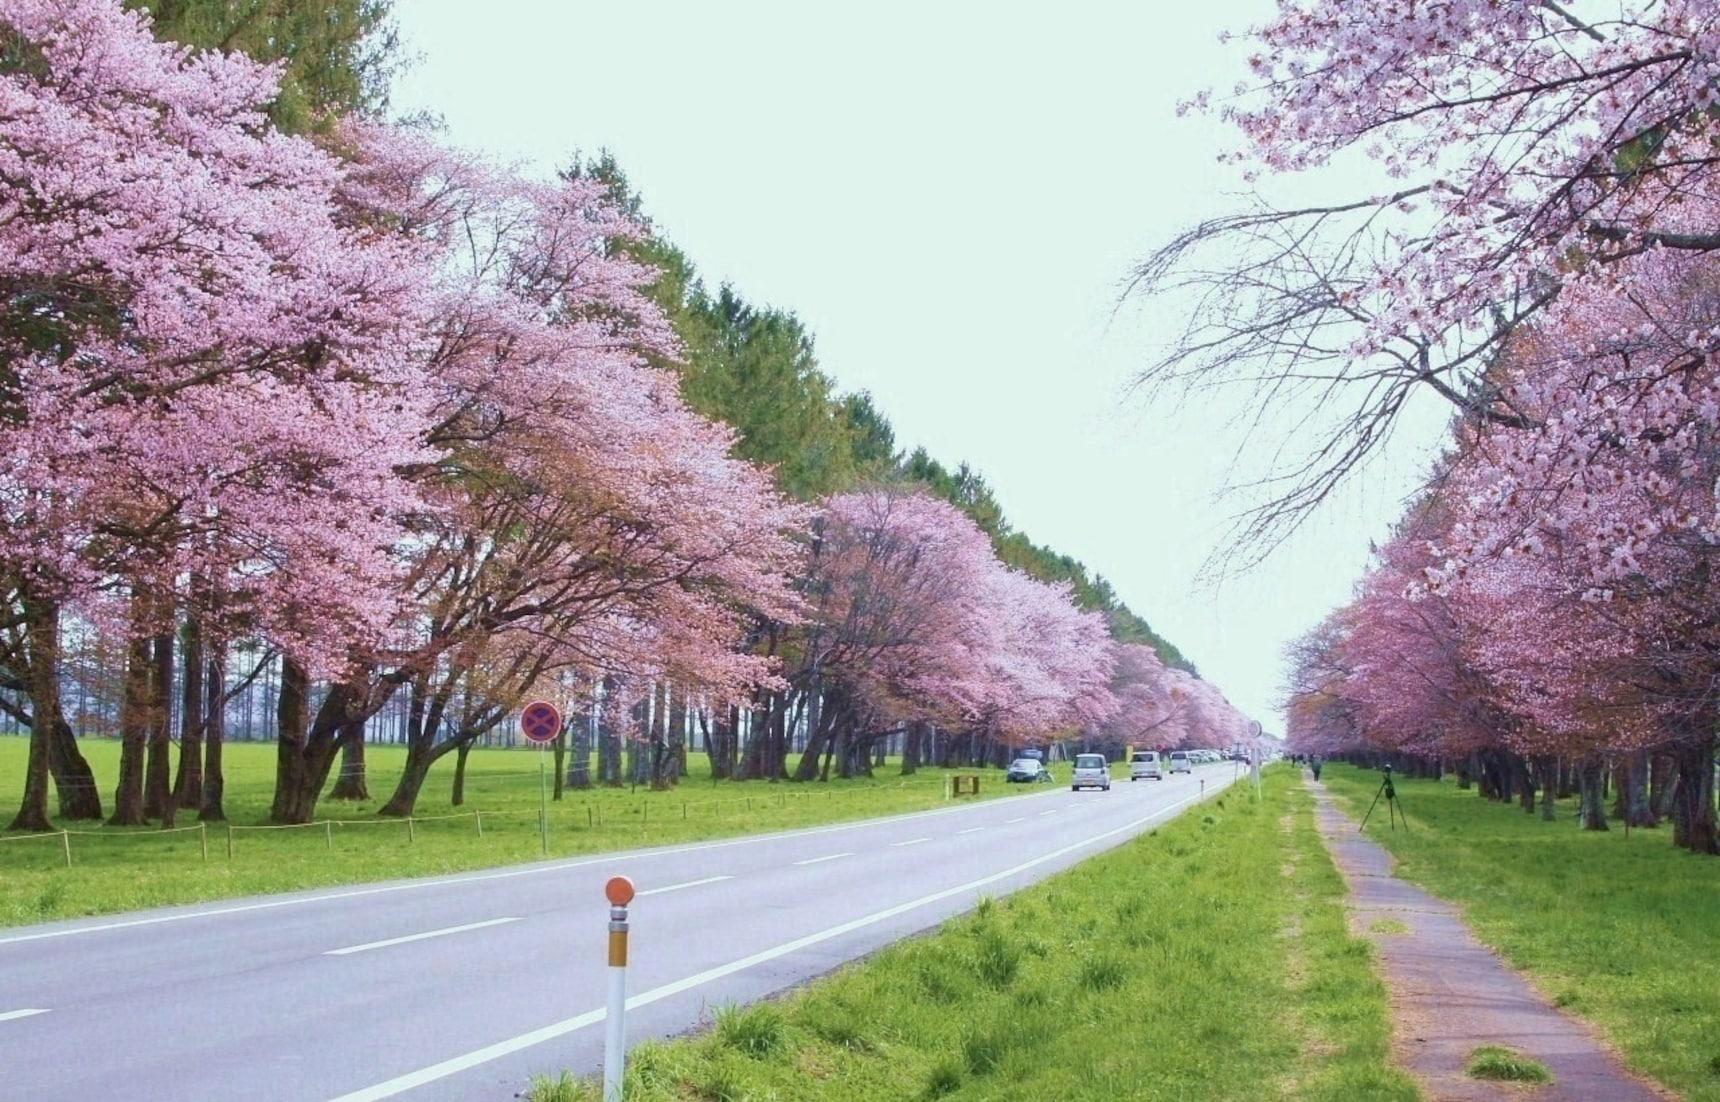 北海道二十间道路樱花道,在落樱时节释放绵长的美丽